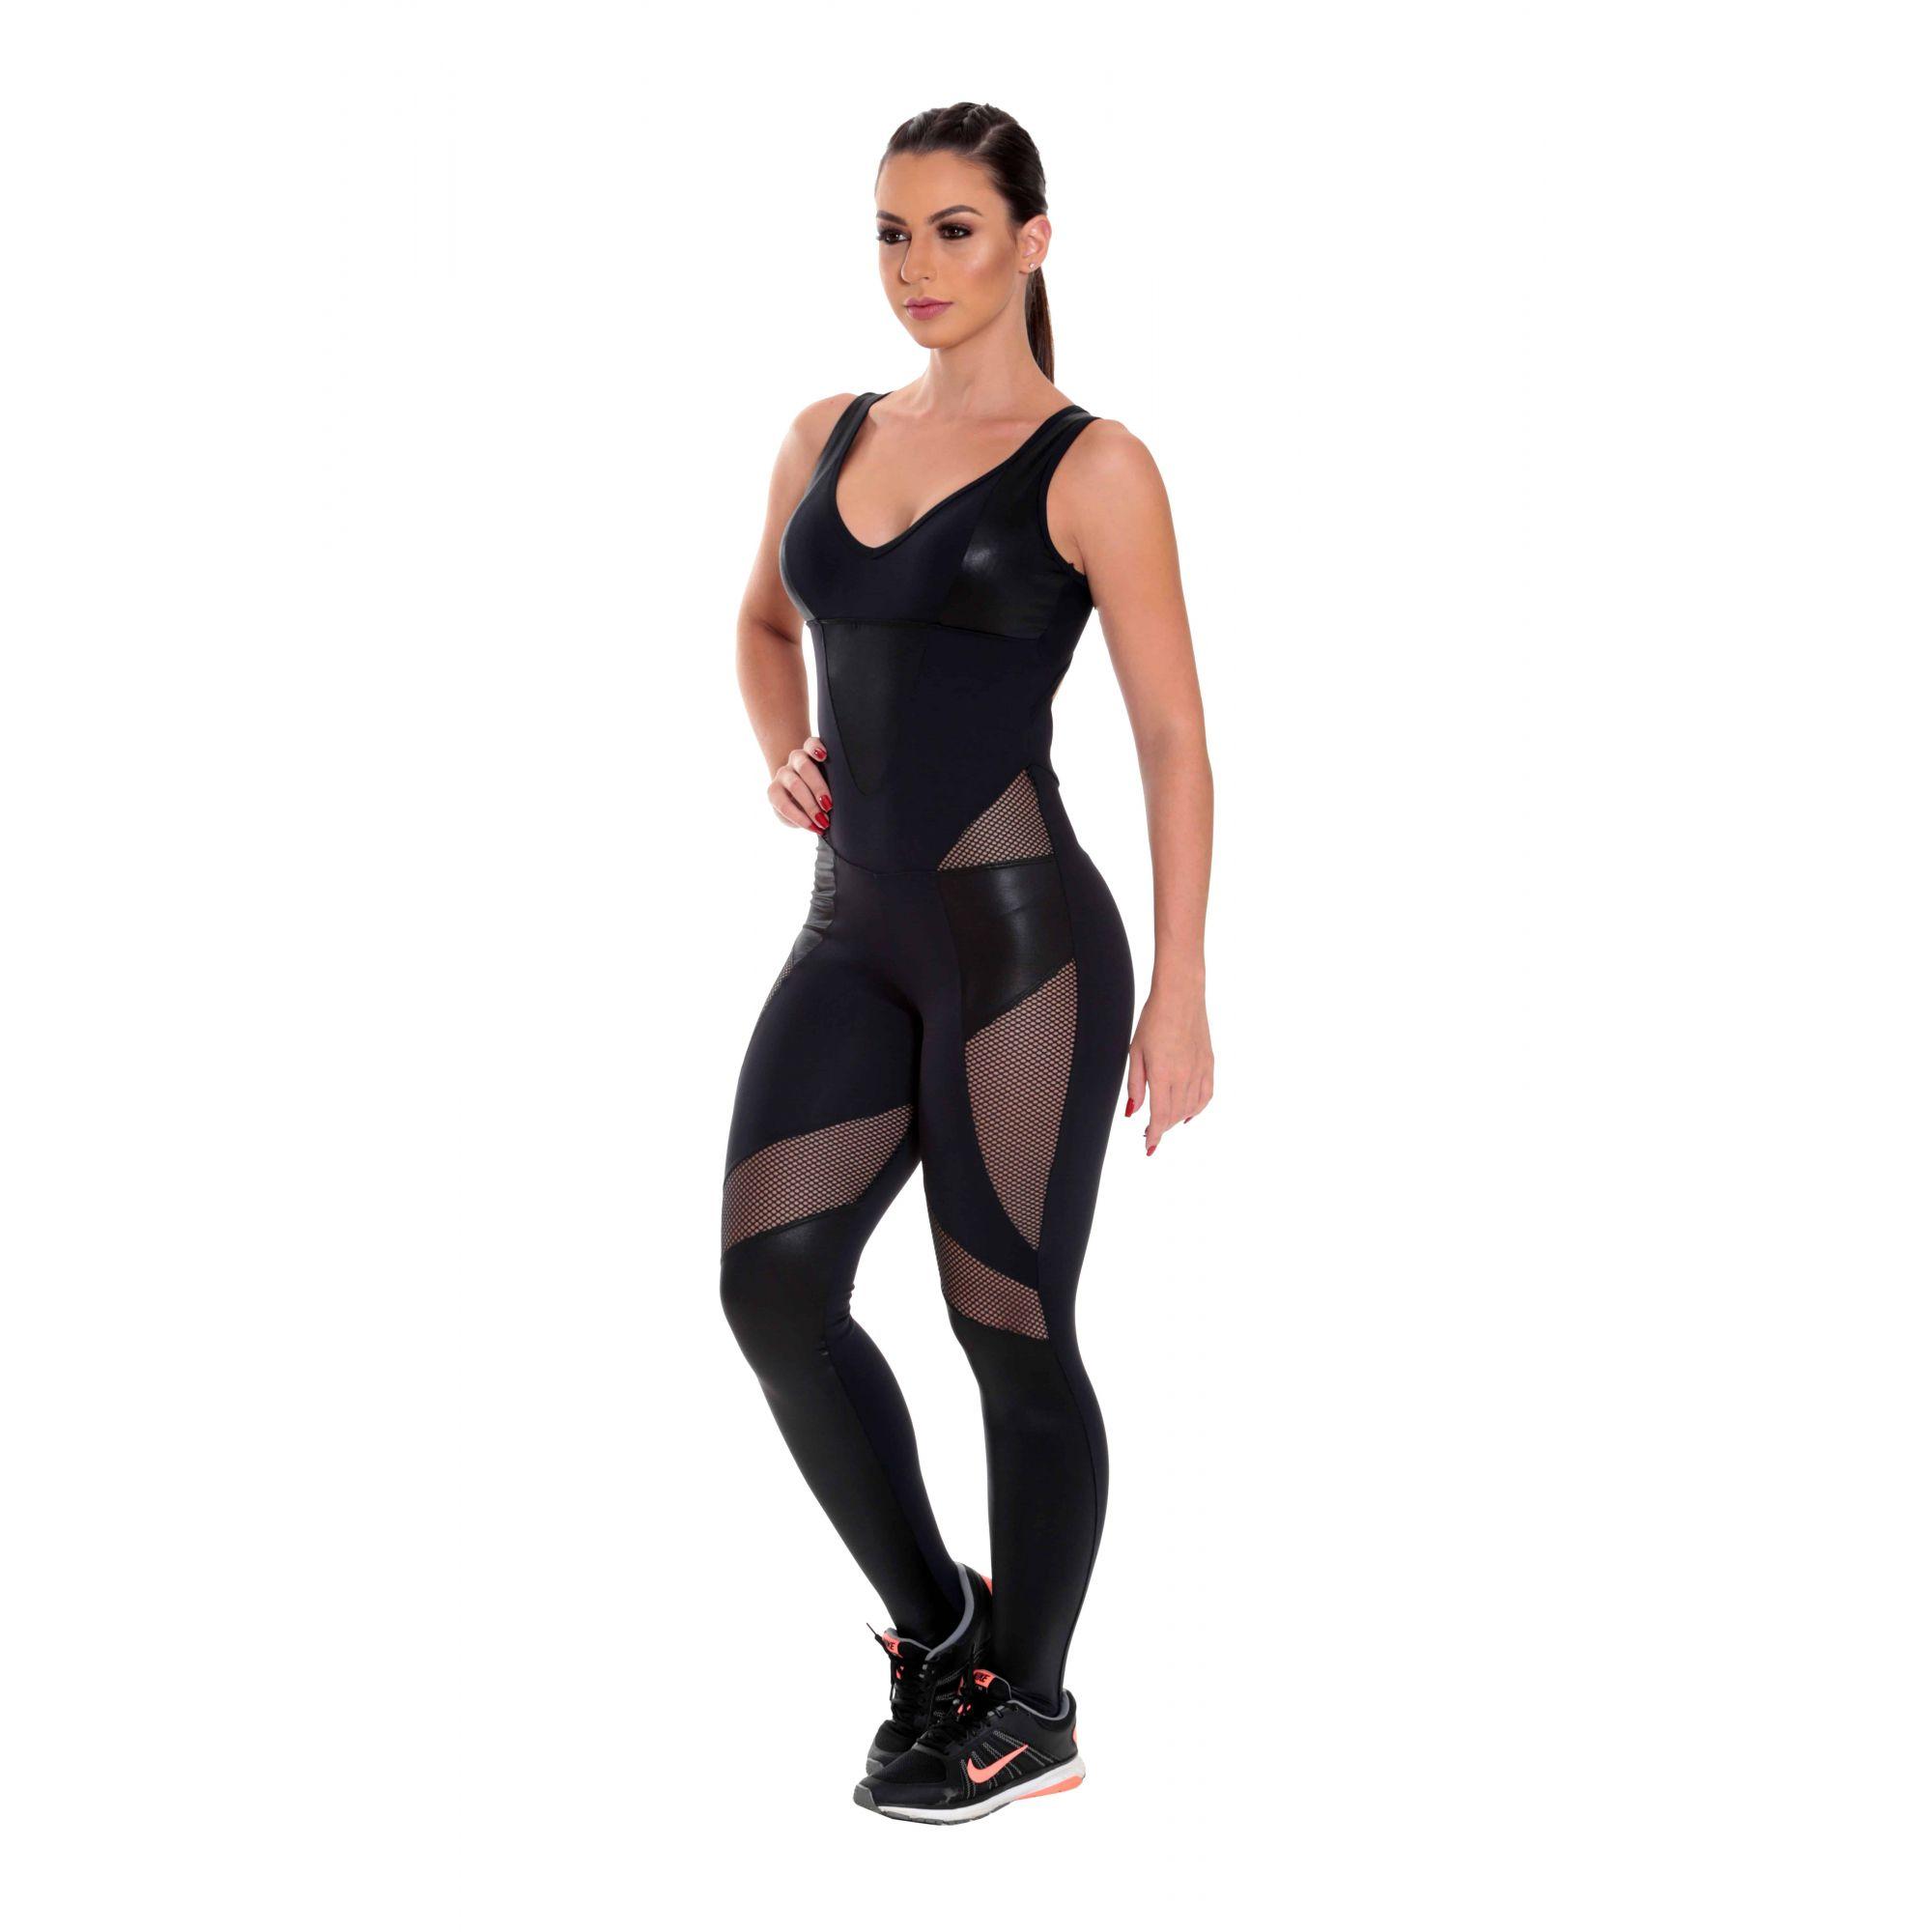 Macacão Fitness Longo Bojo Fixo Suplex Roupa de Academia Moda Feminina